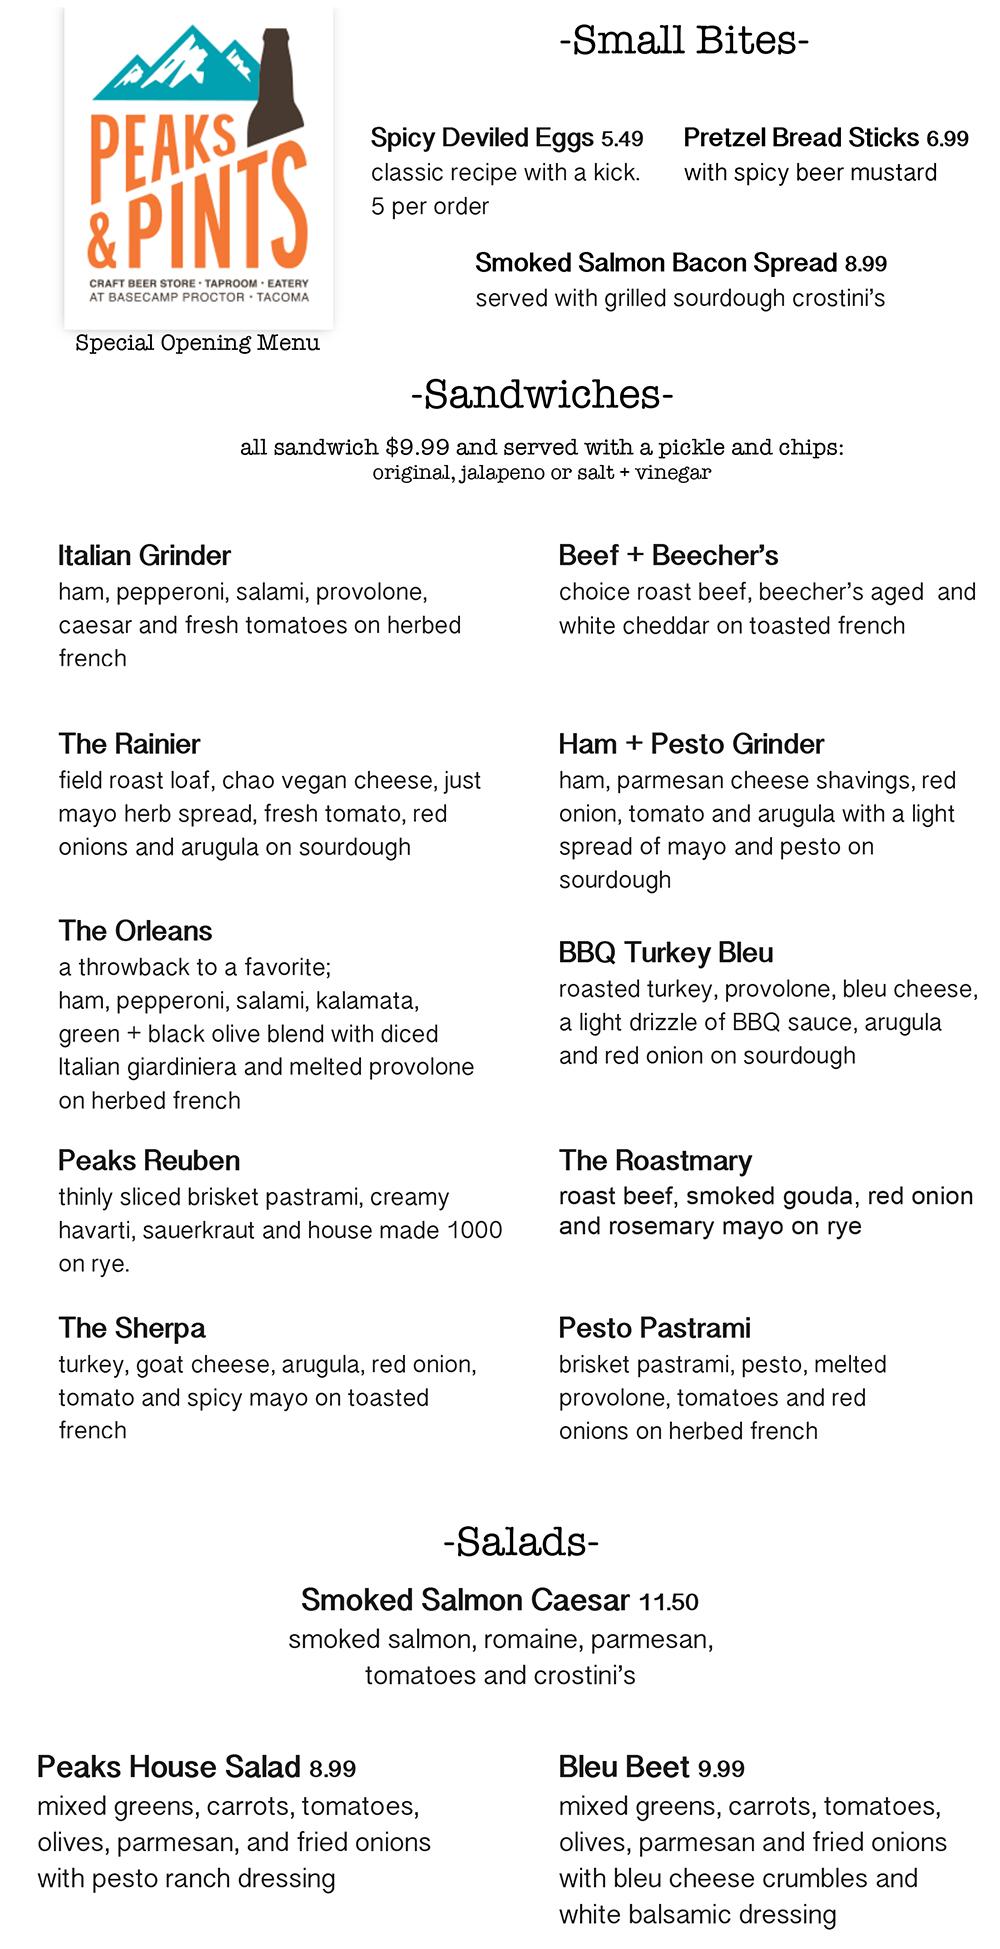 peaks-and-pints-tacoma-food-menu